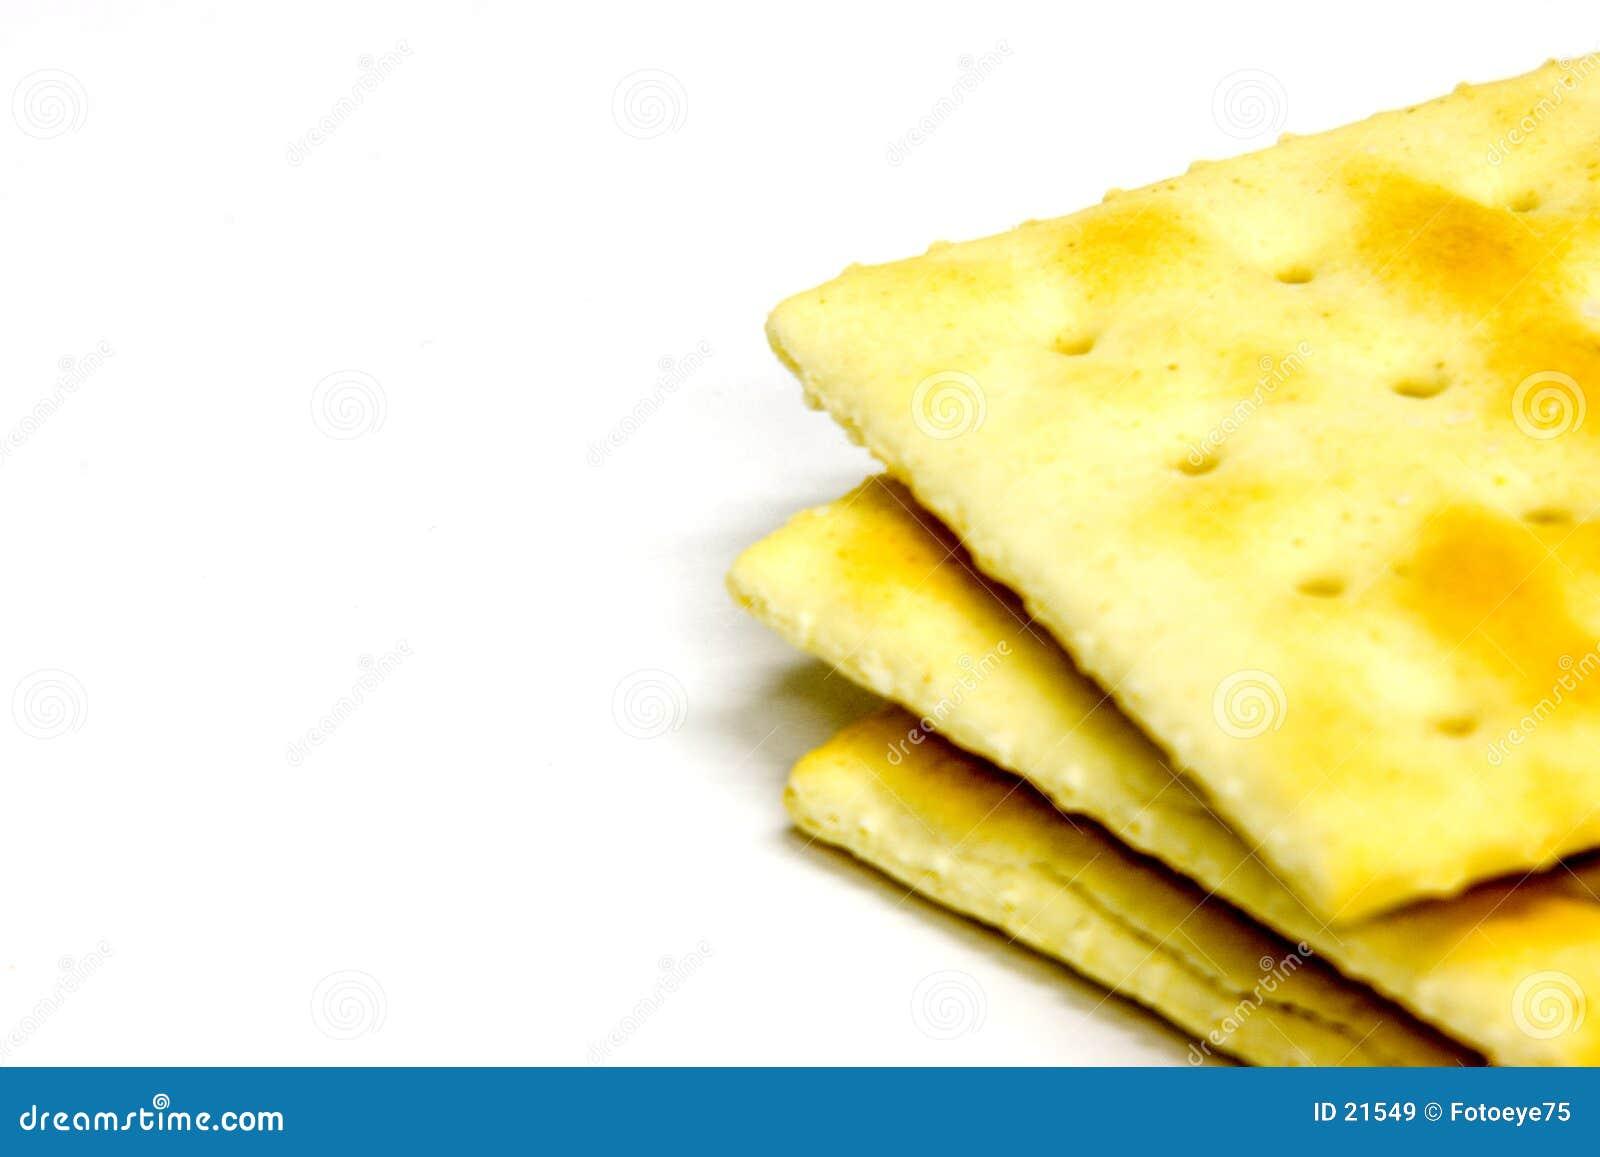 3 biscoitos